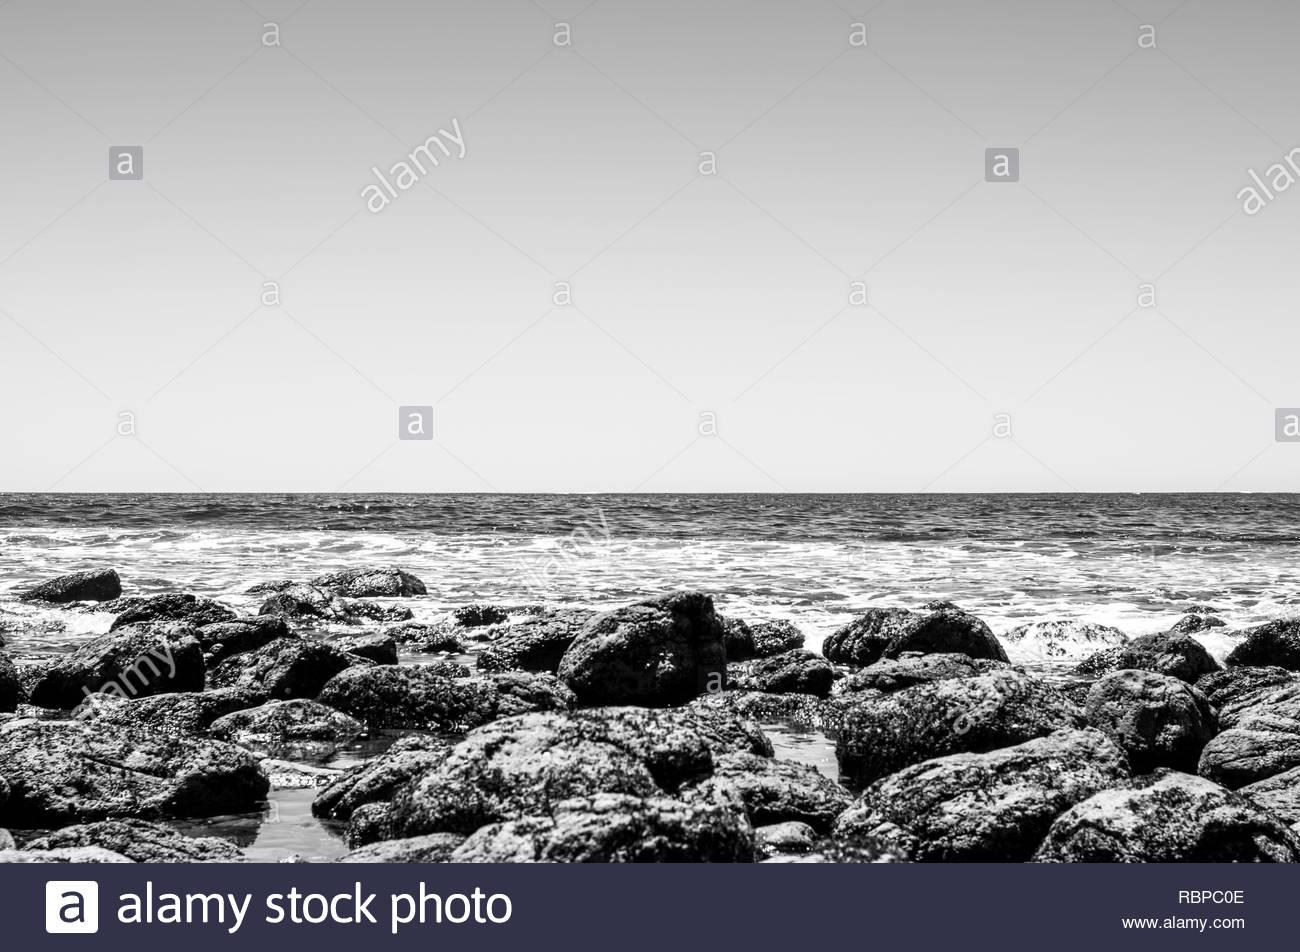 Waves Crashing - Stock Image